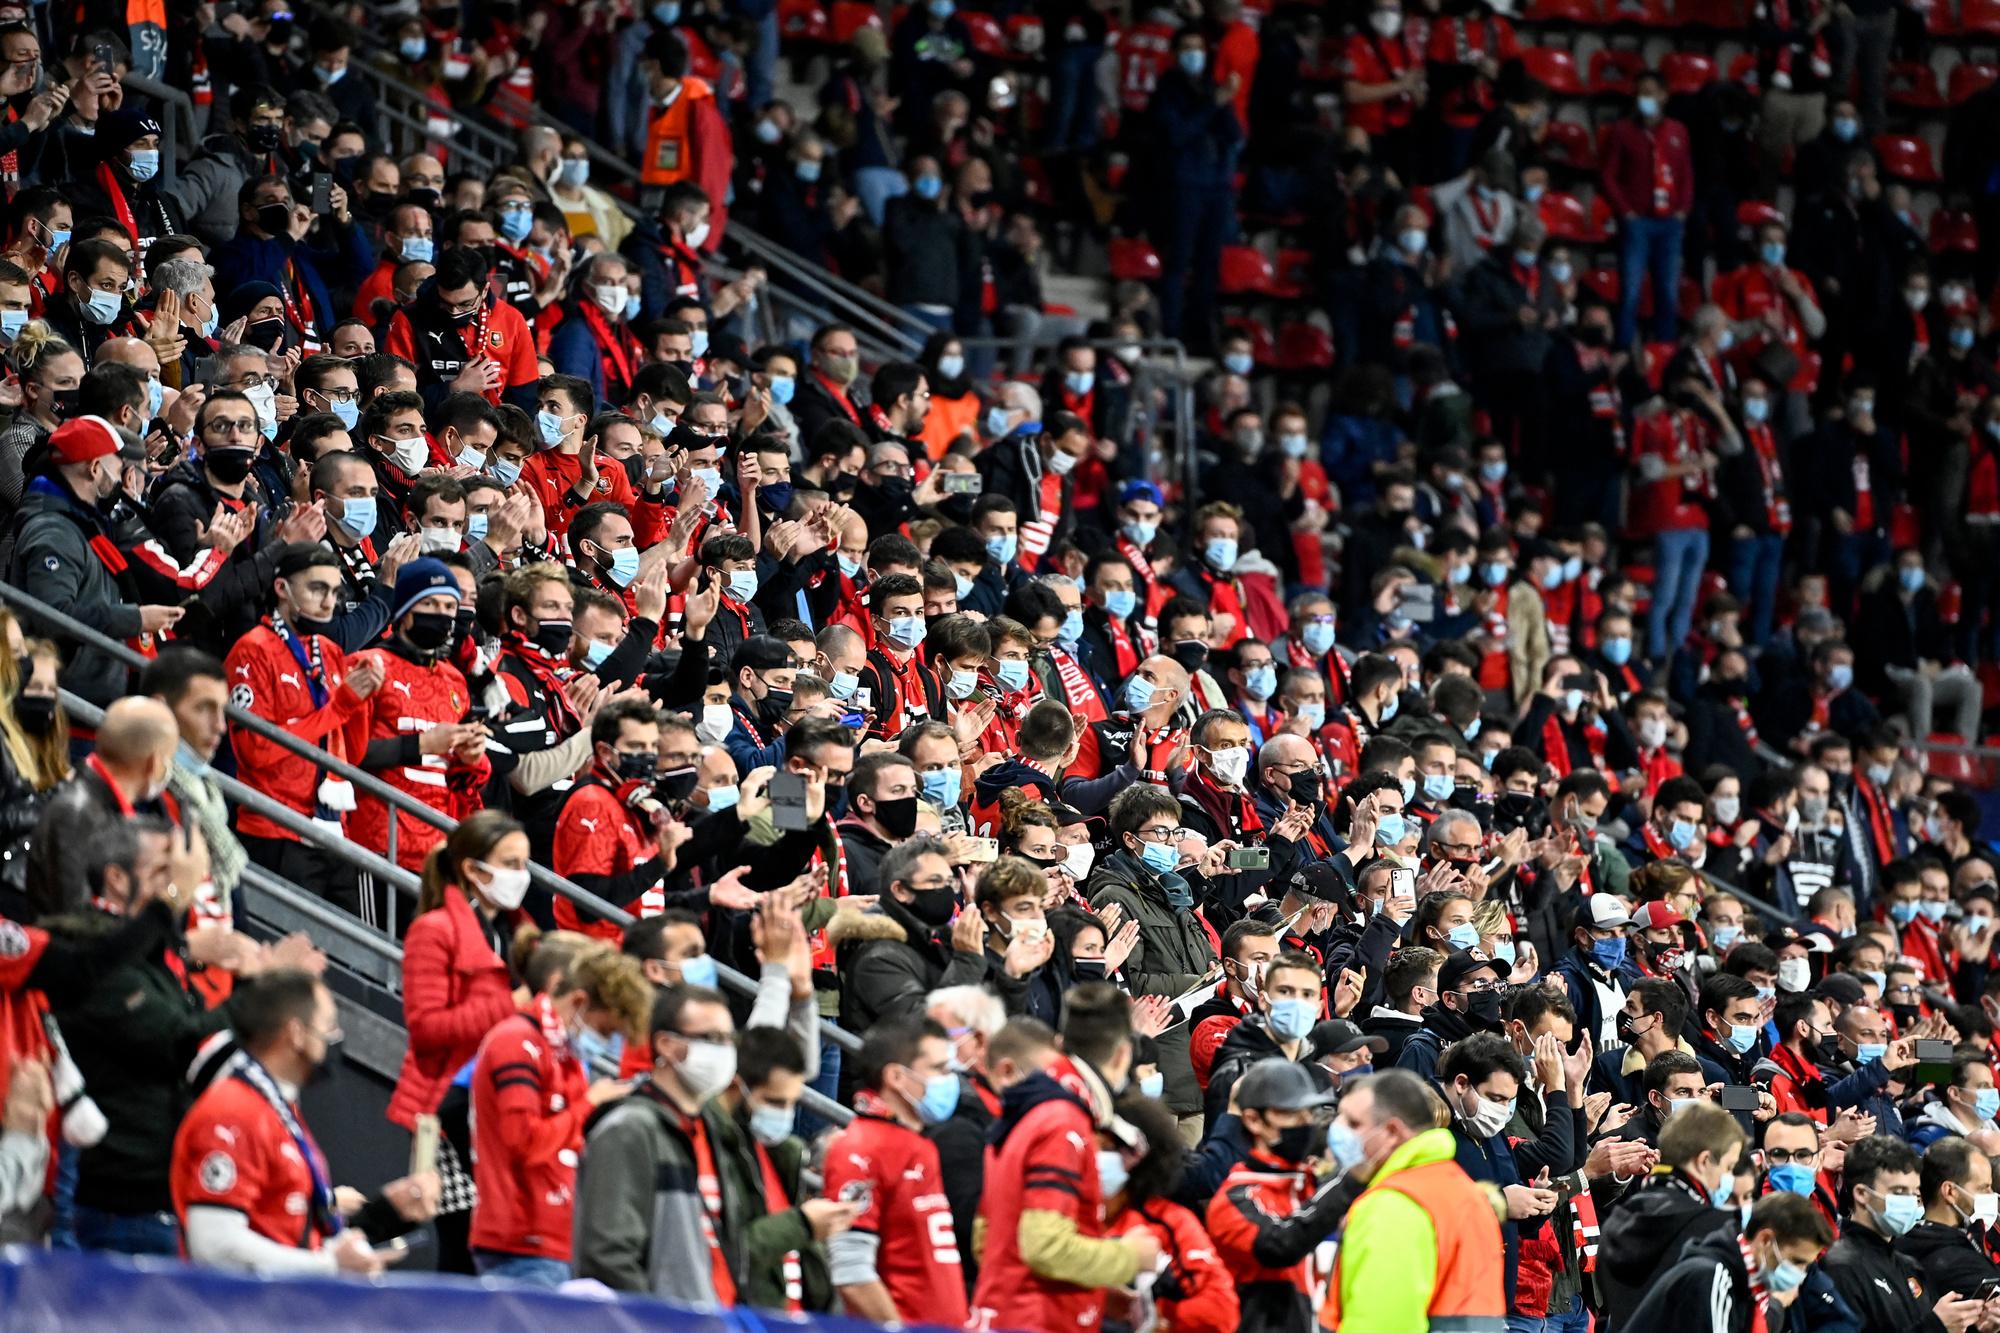 A Rennes-Krasnodar, comme pour toutes les rencontres européennes, la capacité de remplissage du stade était limitée à 30%. Avec une disposition des supporters dans le stade qui pose question., belga